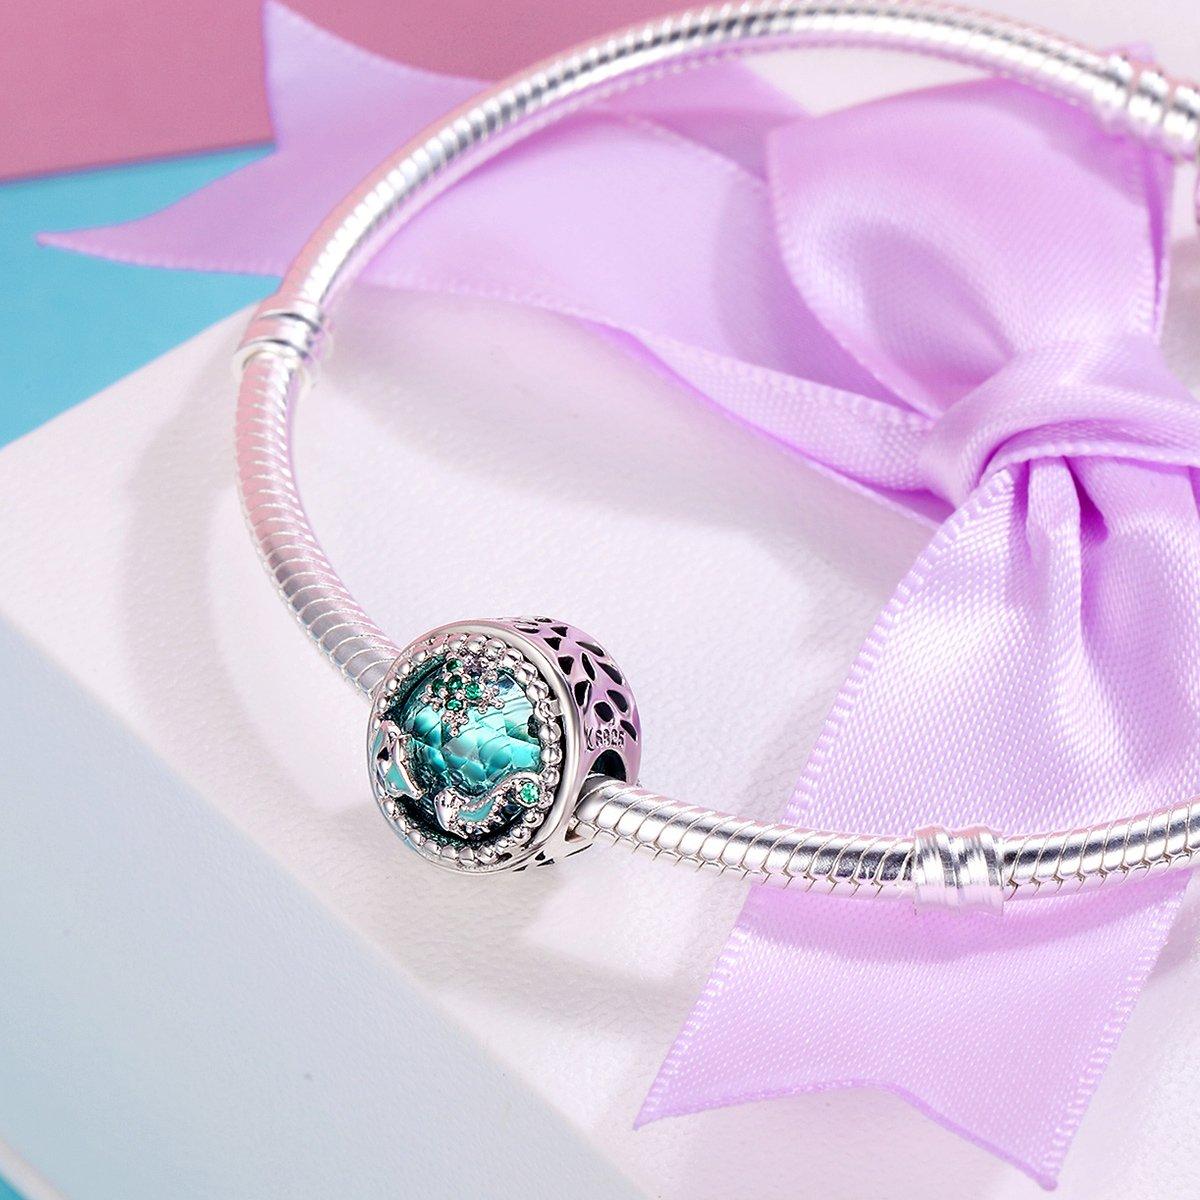 Bracelet pour Femme Breloque en Argent sterling perle myst/ère de l/'oc/éan avec Zircone cubique Vert loisir cr/éatif